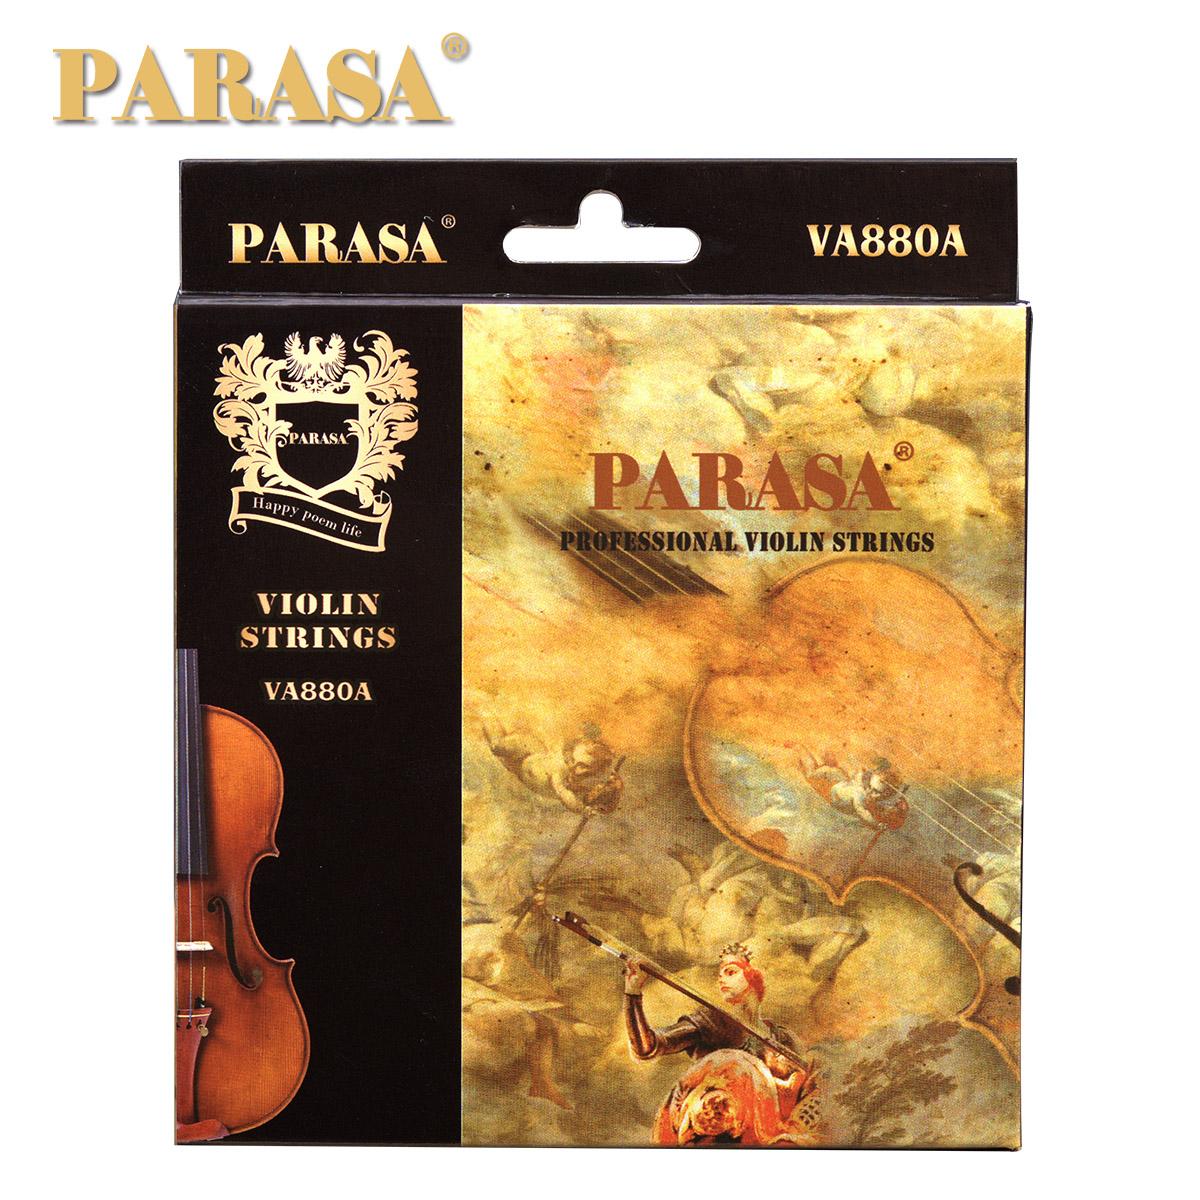 PARASA спектр музыка поэзия VA880A профессиональный уровень скрипка аккорд отлично прекрасный звук цвет и уютный чувствовать